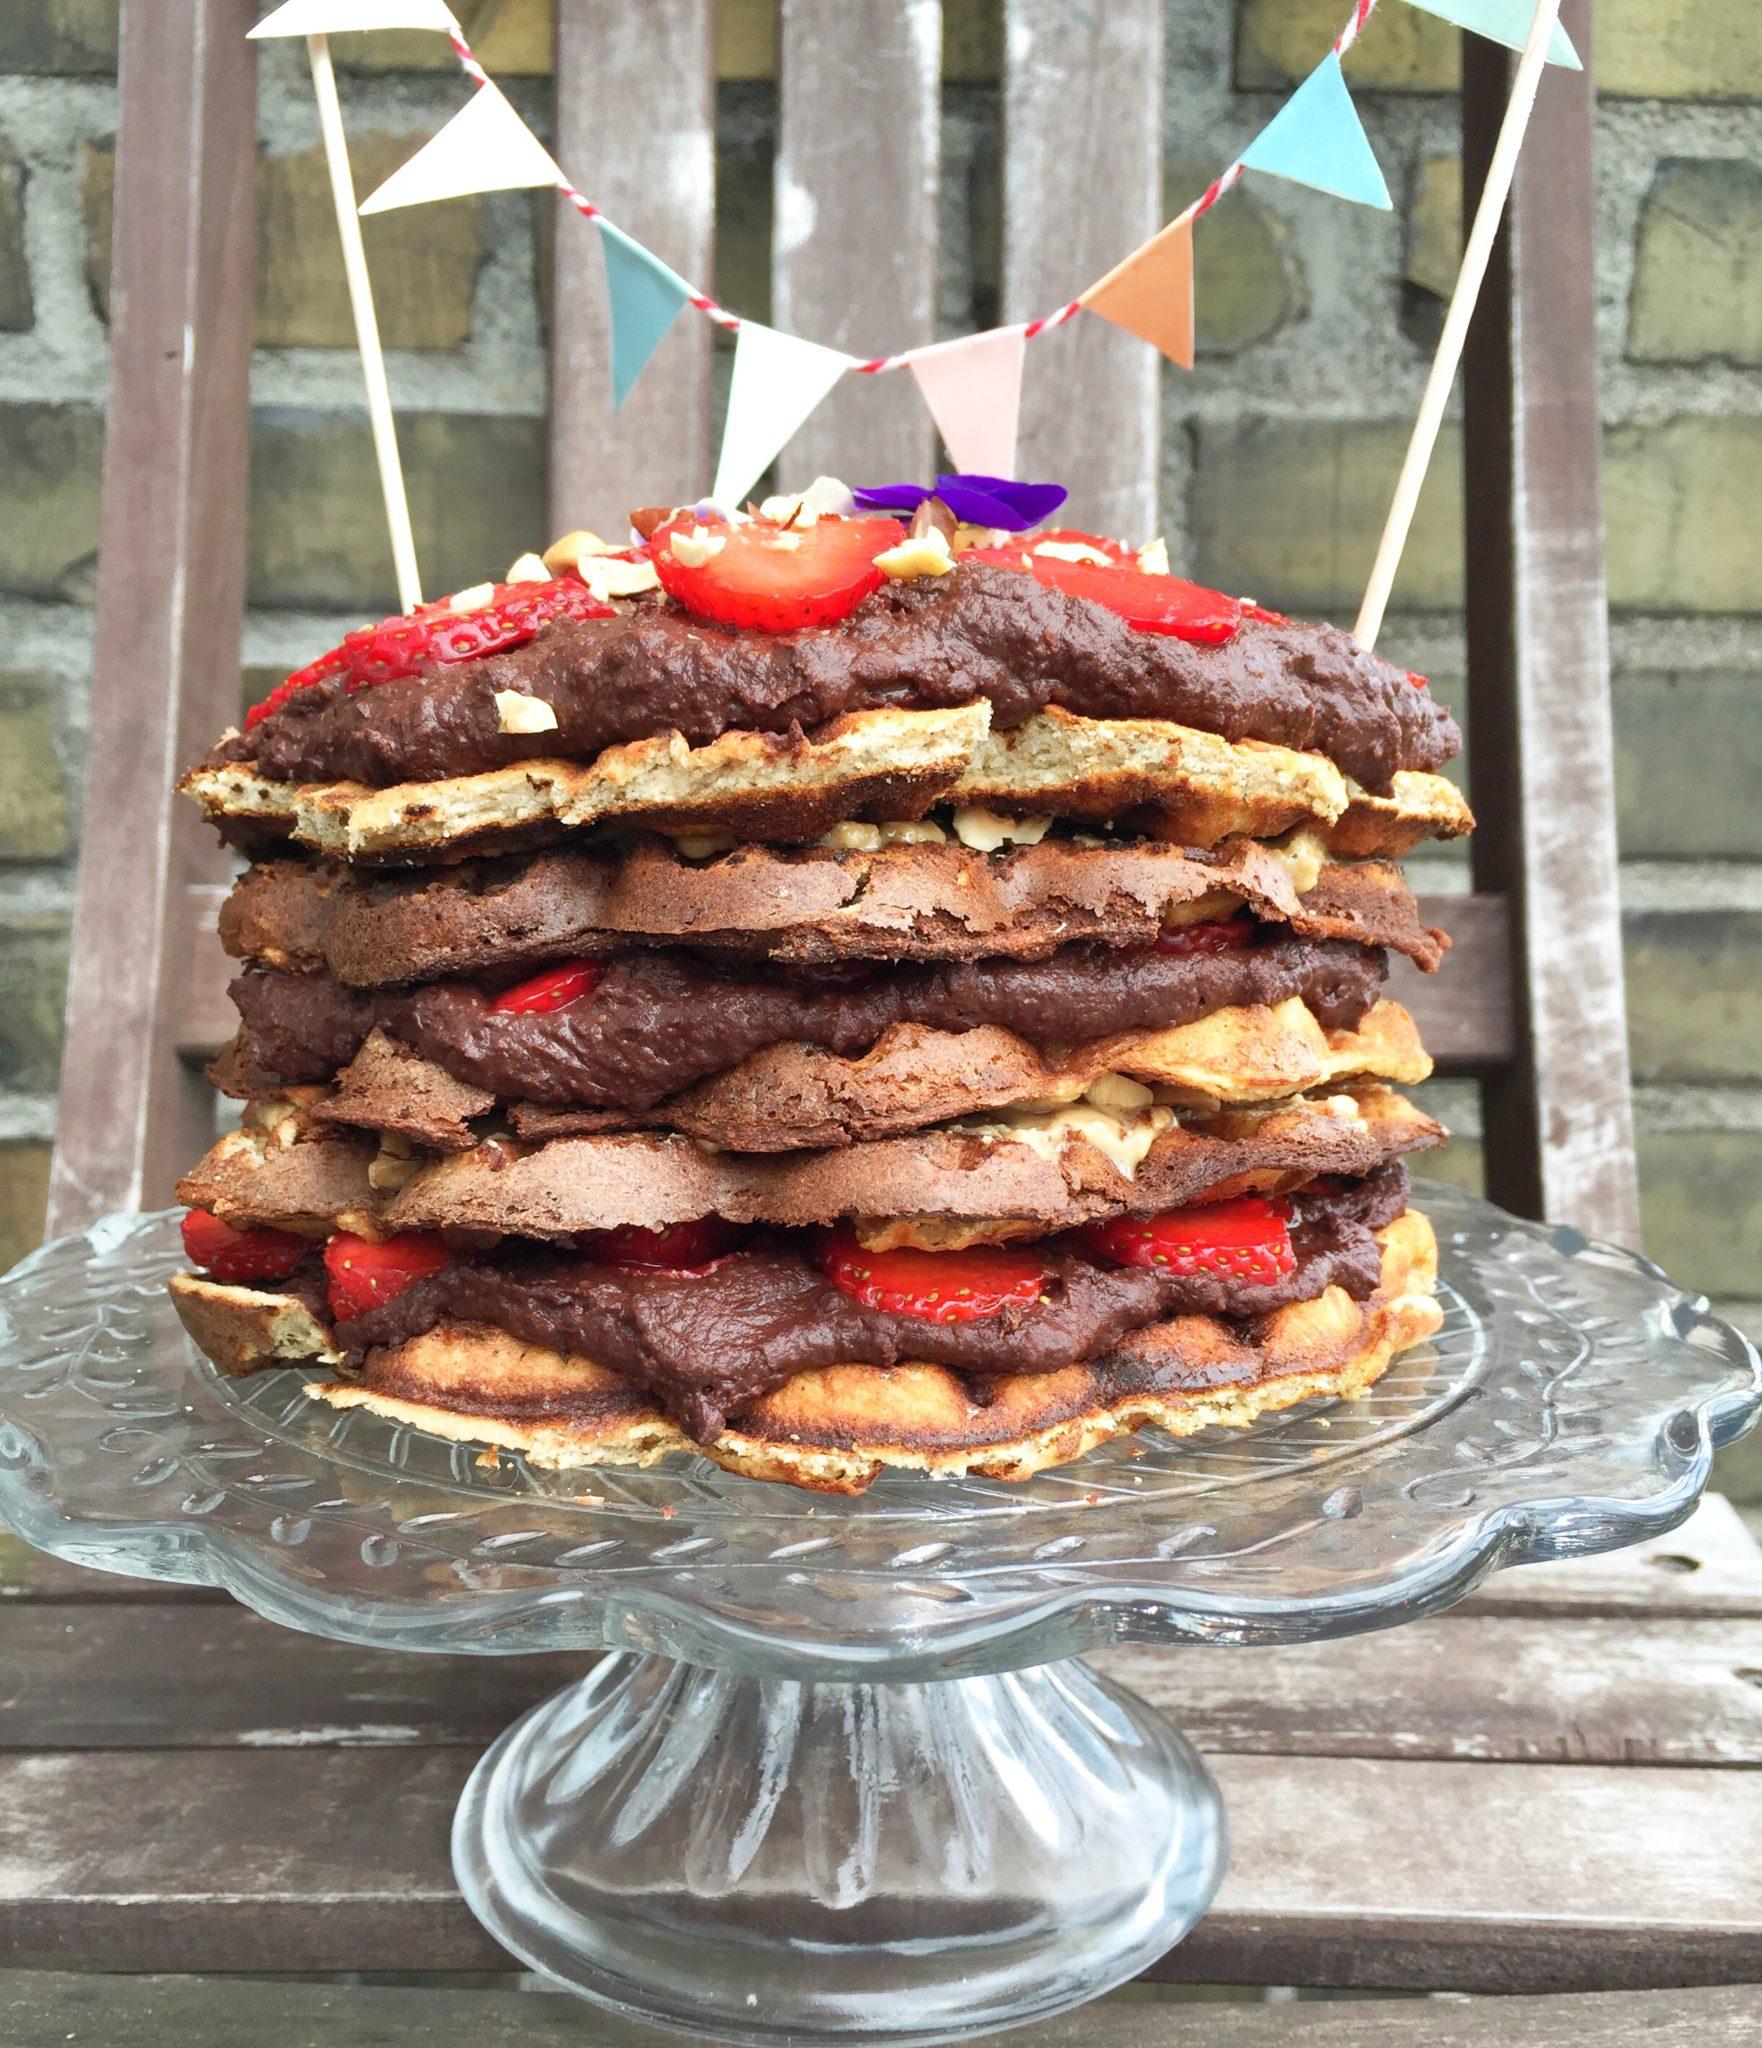 Lagkage med vafler. Glutenfri, sukkerfri og vegetarisk opskrift. Jordbær og hjemmelavet nutella. Fødselsdagskage. Sundere valg